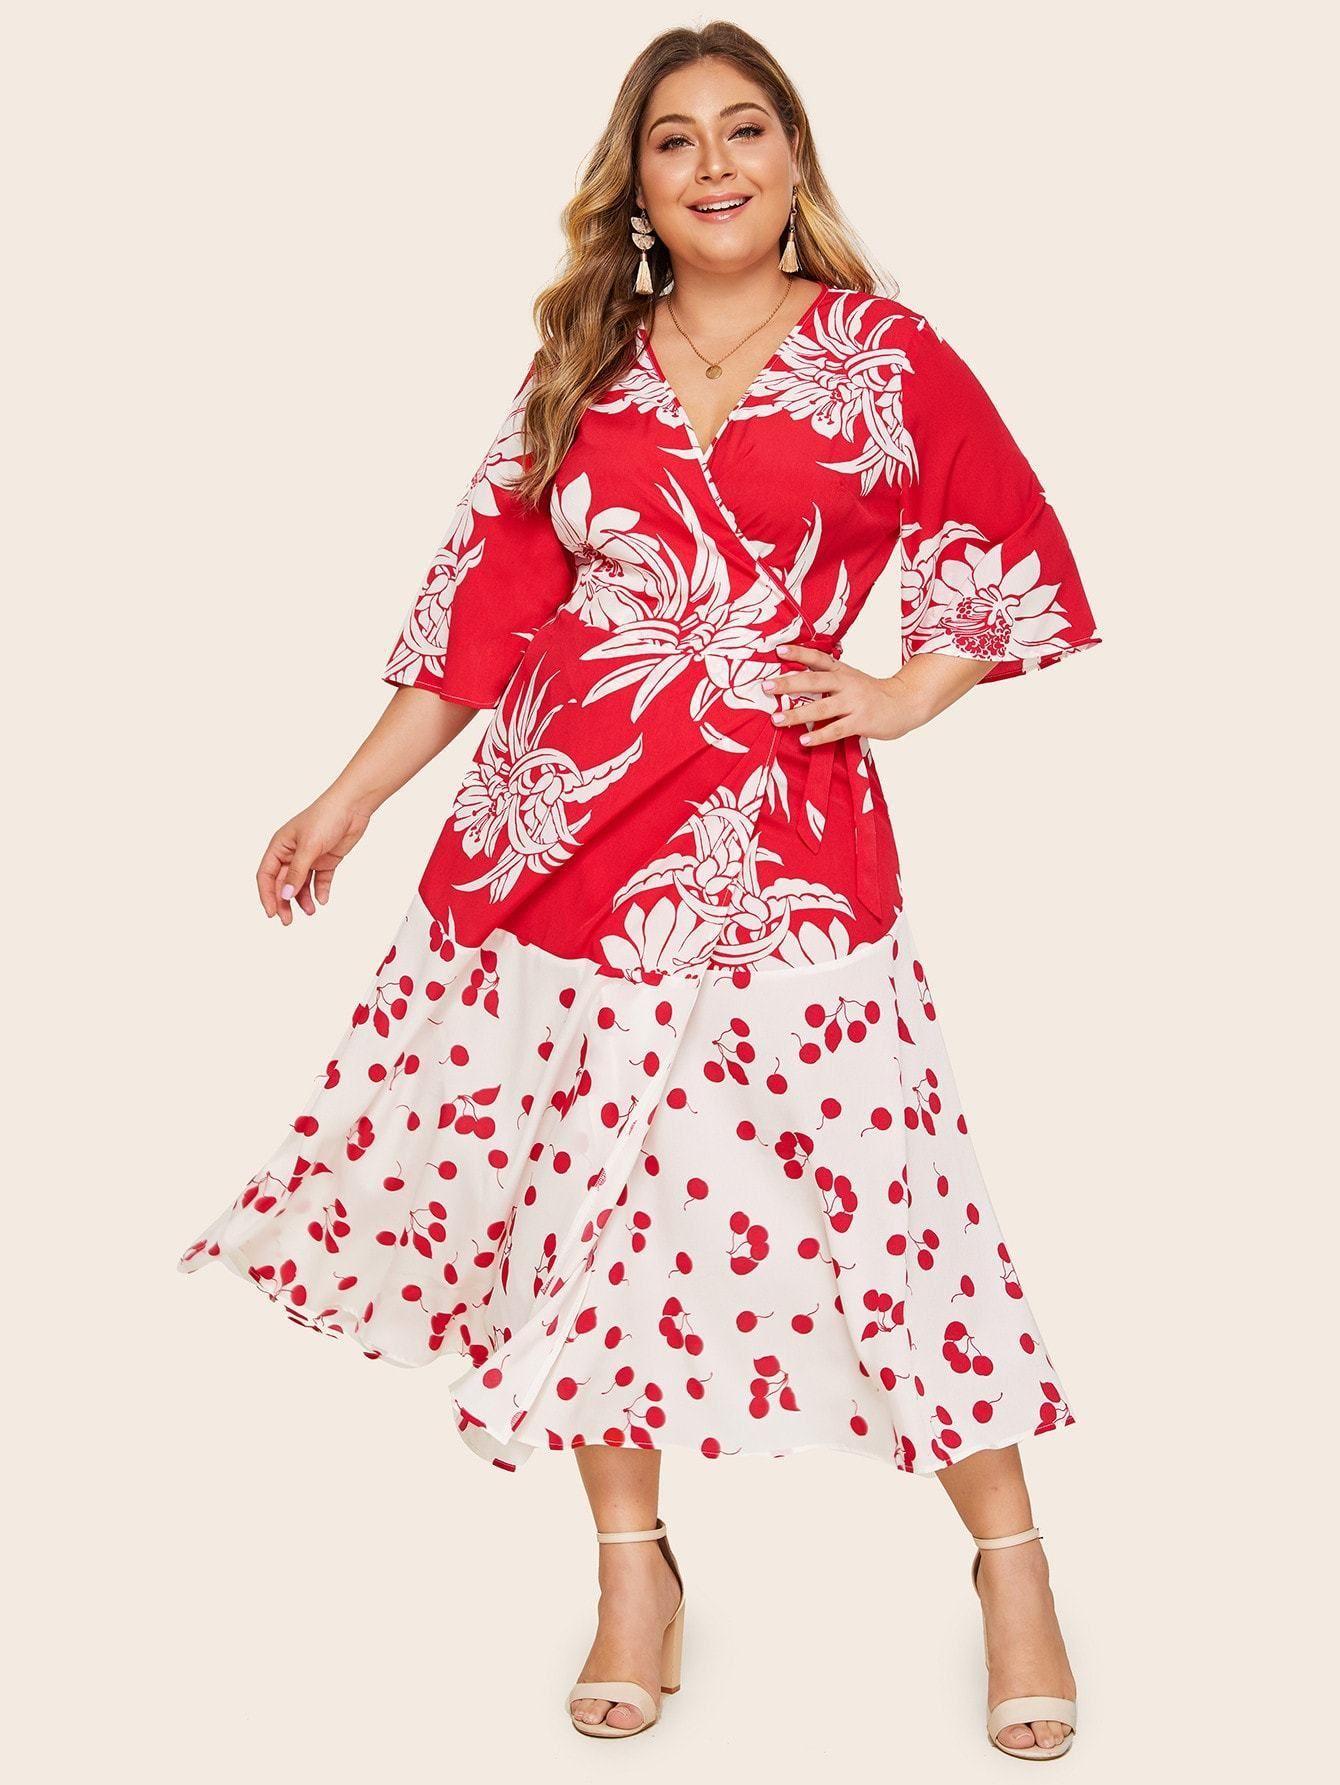 Plus Surplice Neck Floral Print Knot Dress Dresses, Mesh